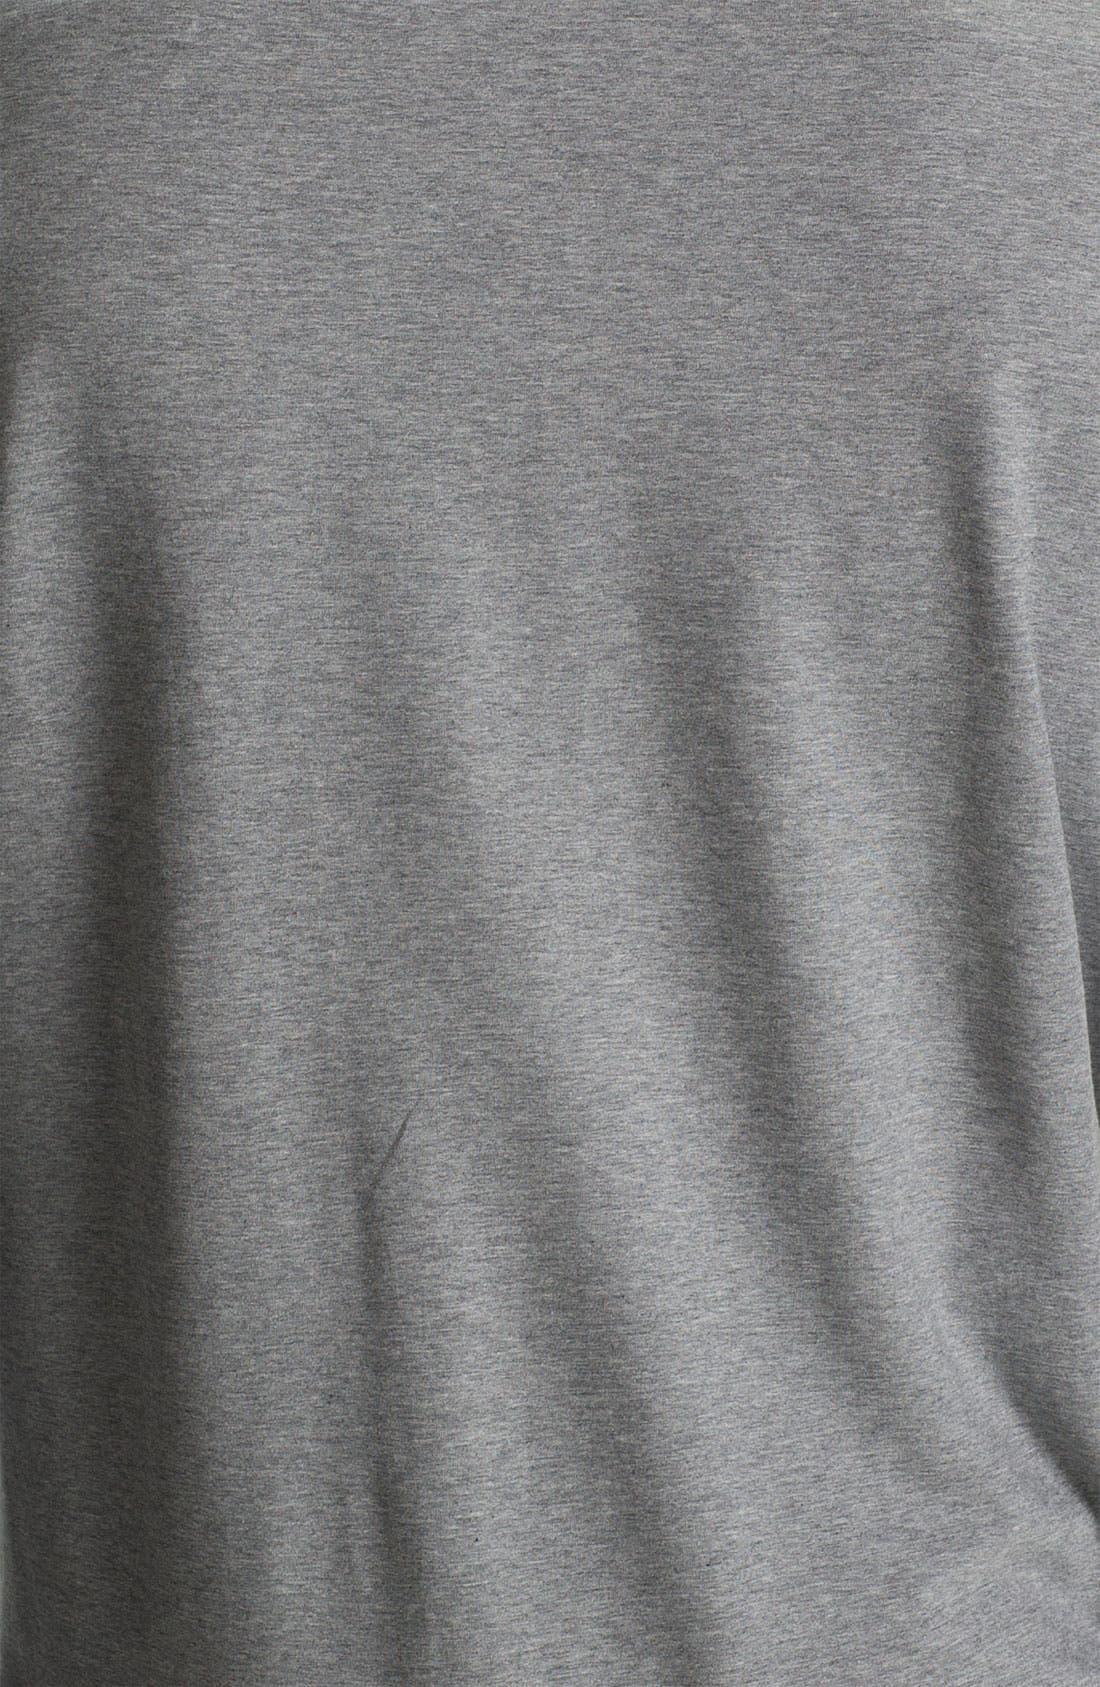 Alternate Image 3  - Cutter & Buck 'Ballinger' Half Zip Pullover (Big & Tall)